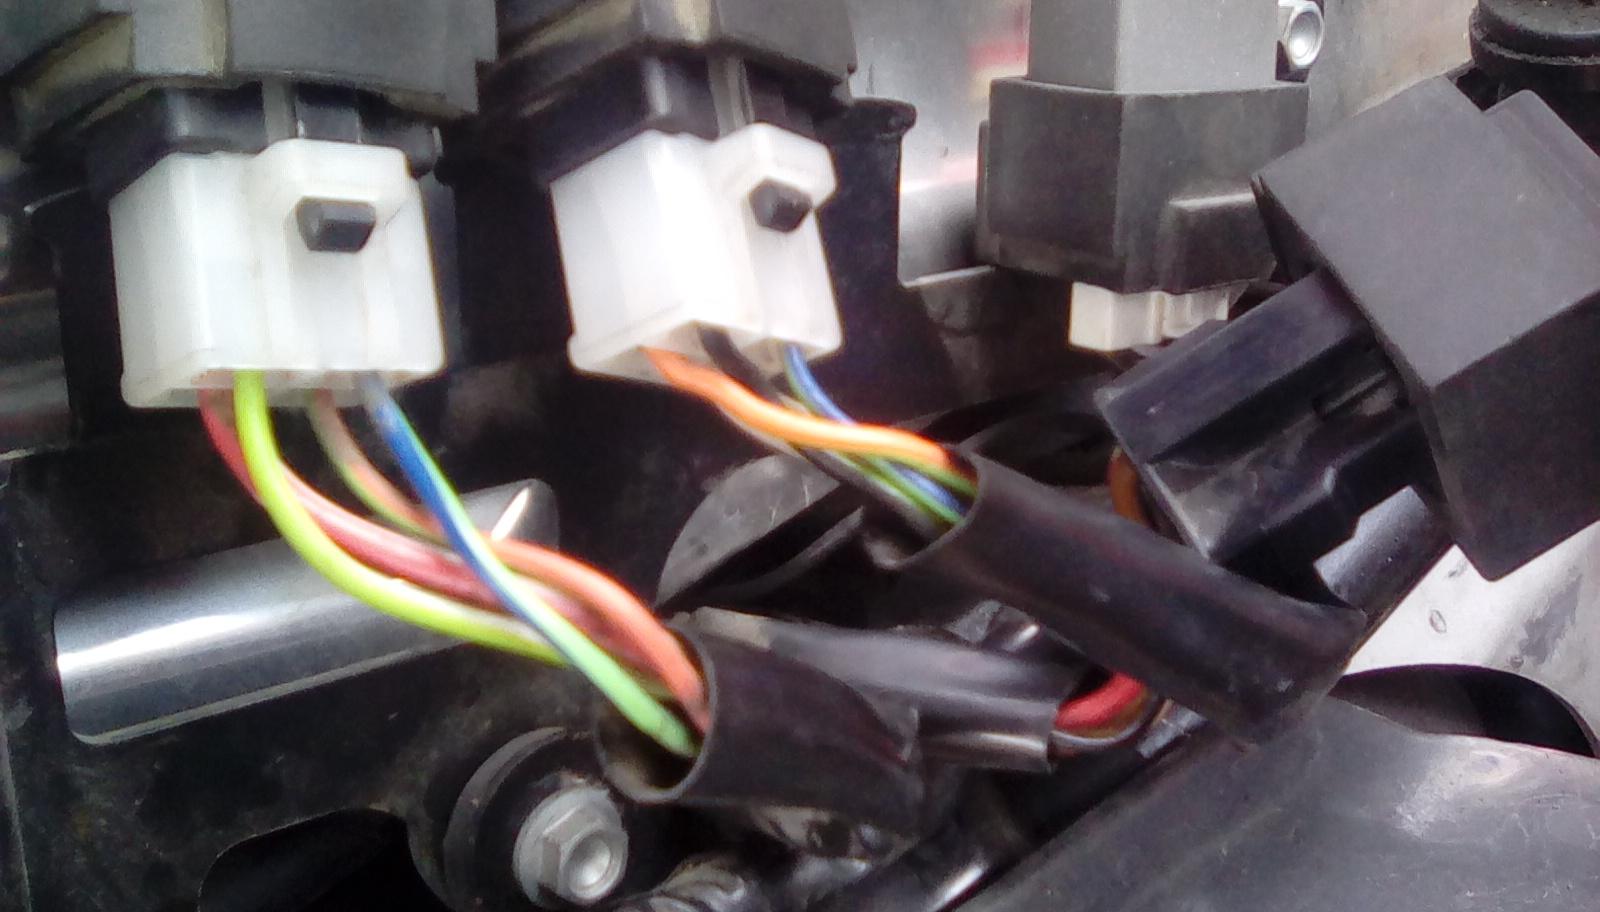 Fuel Pump Not Priming